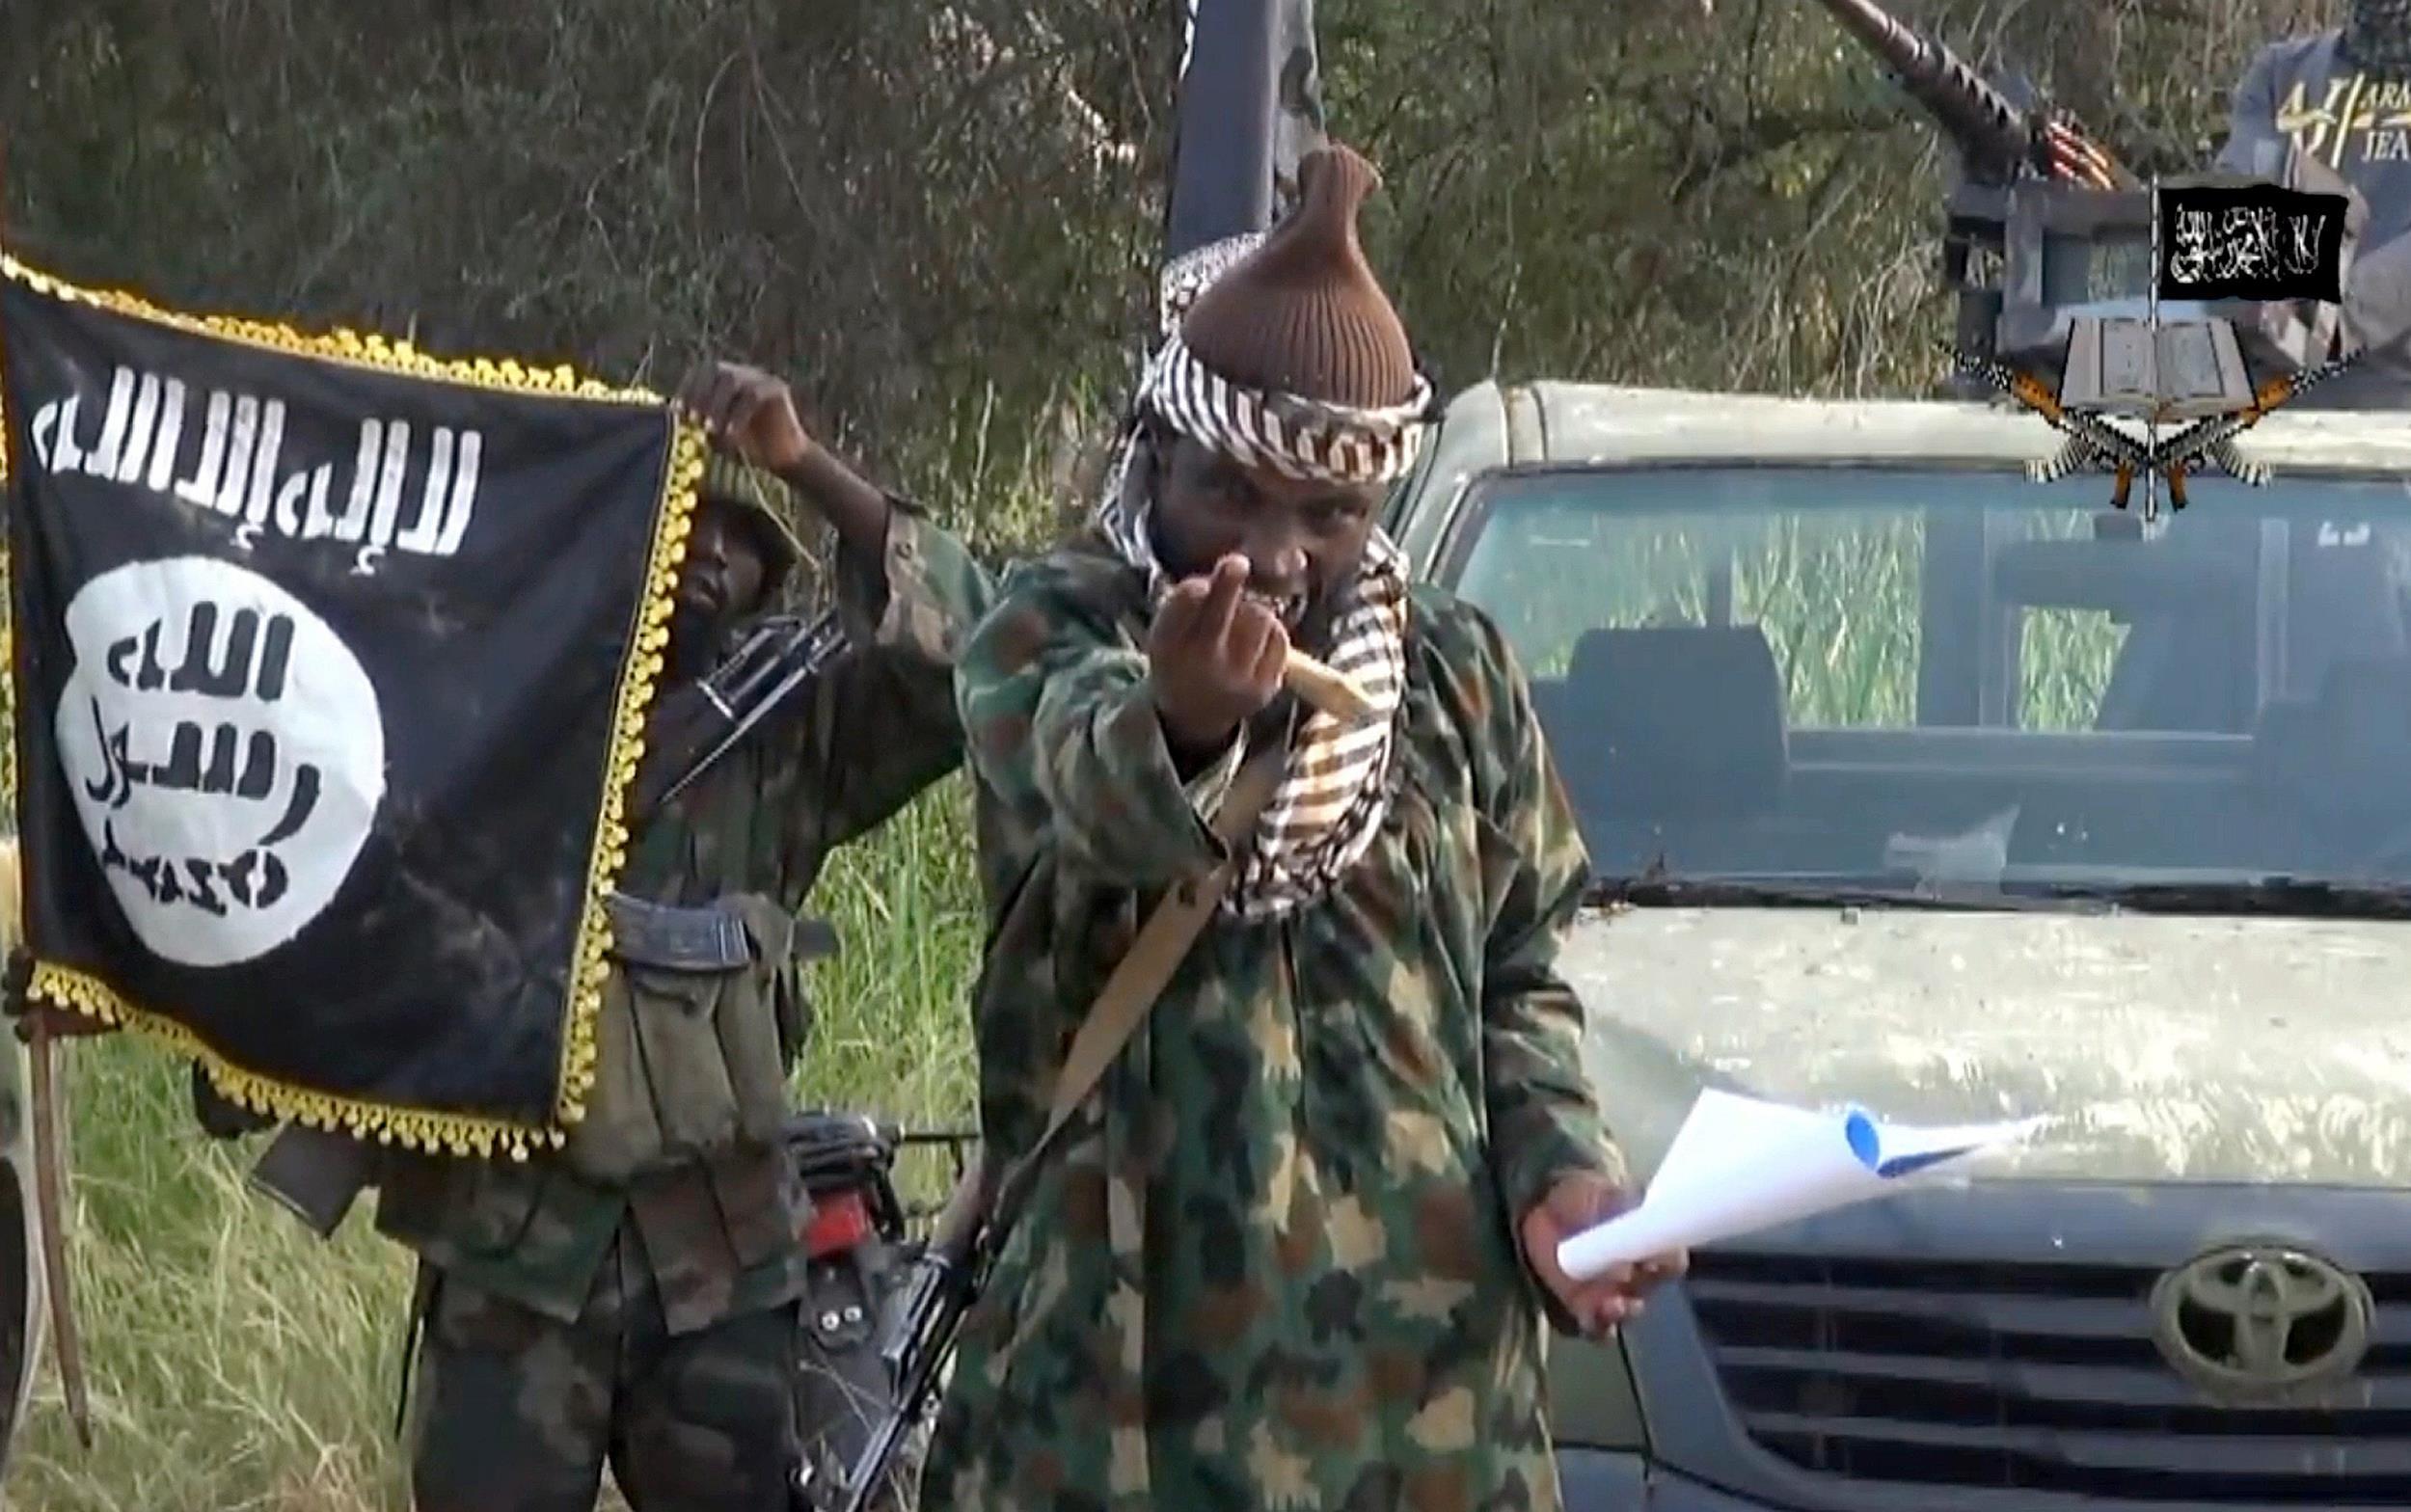 Erdoğan THY'nin taşıdığı silahları unuttu: Nijerya'da yaşanan her menfur eylem bizim de yüreğimizi dağlıyor